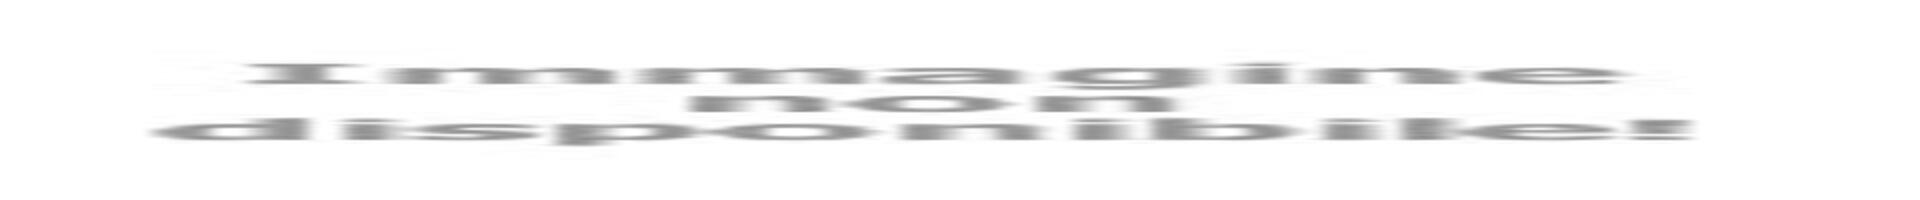 blumenhotel fr offre-nouvel-an-a-l-hotel-a-rimini-front-de-mer 015